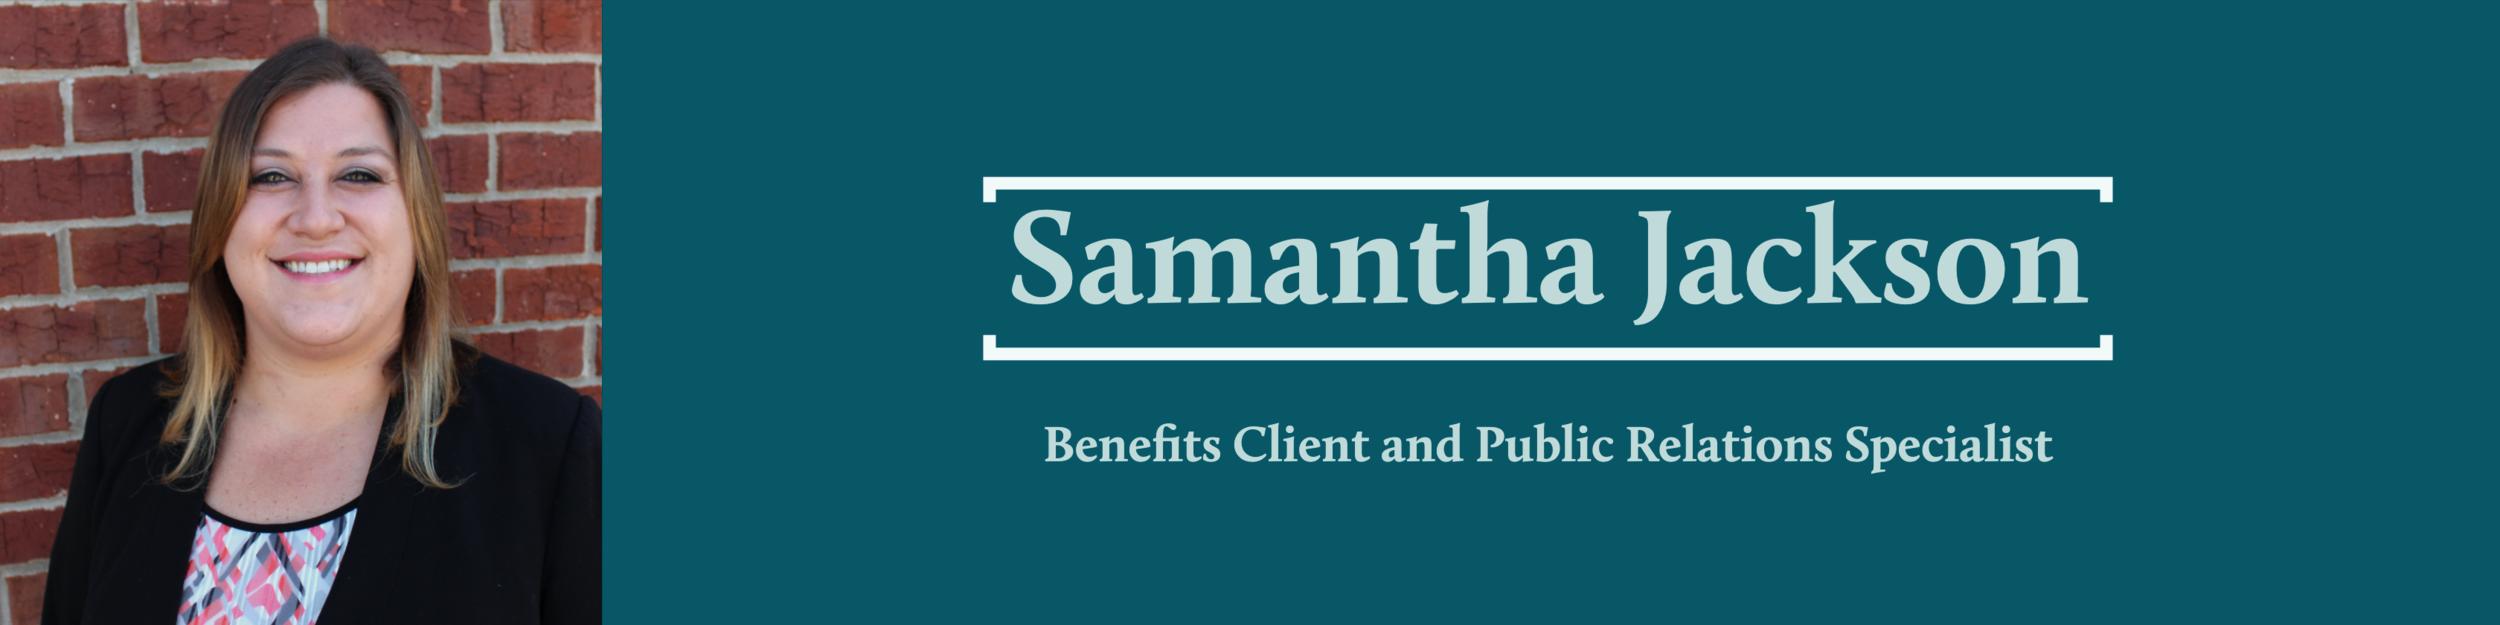 Smanatha Jackson Banner(1).png